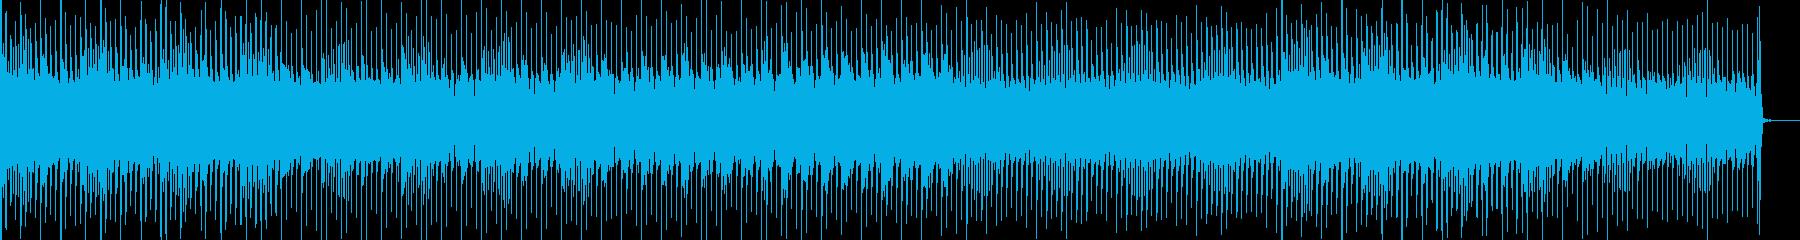 浮遊感のあるエレクトロポップのんの再生済みの波形